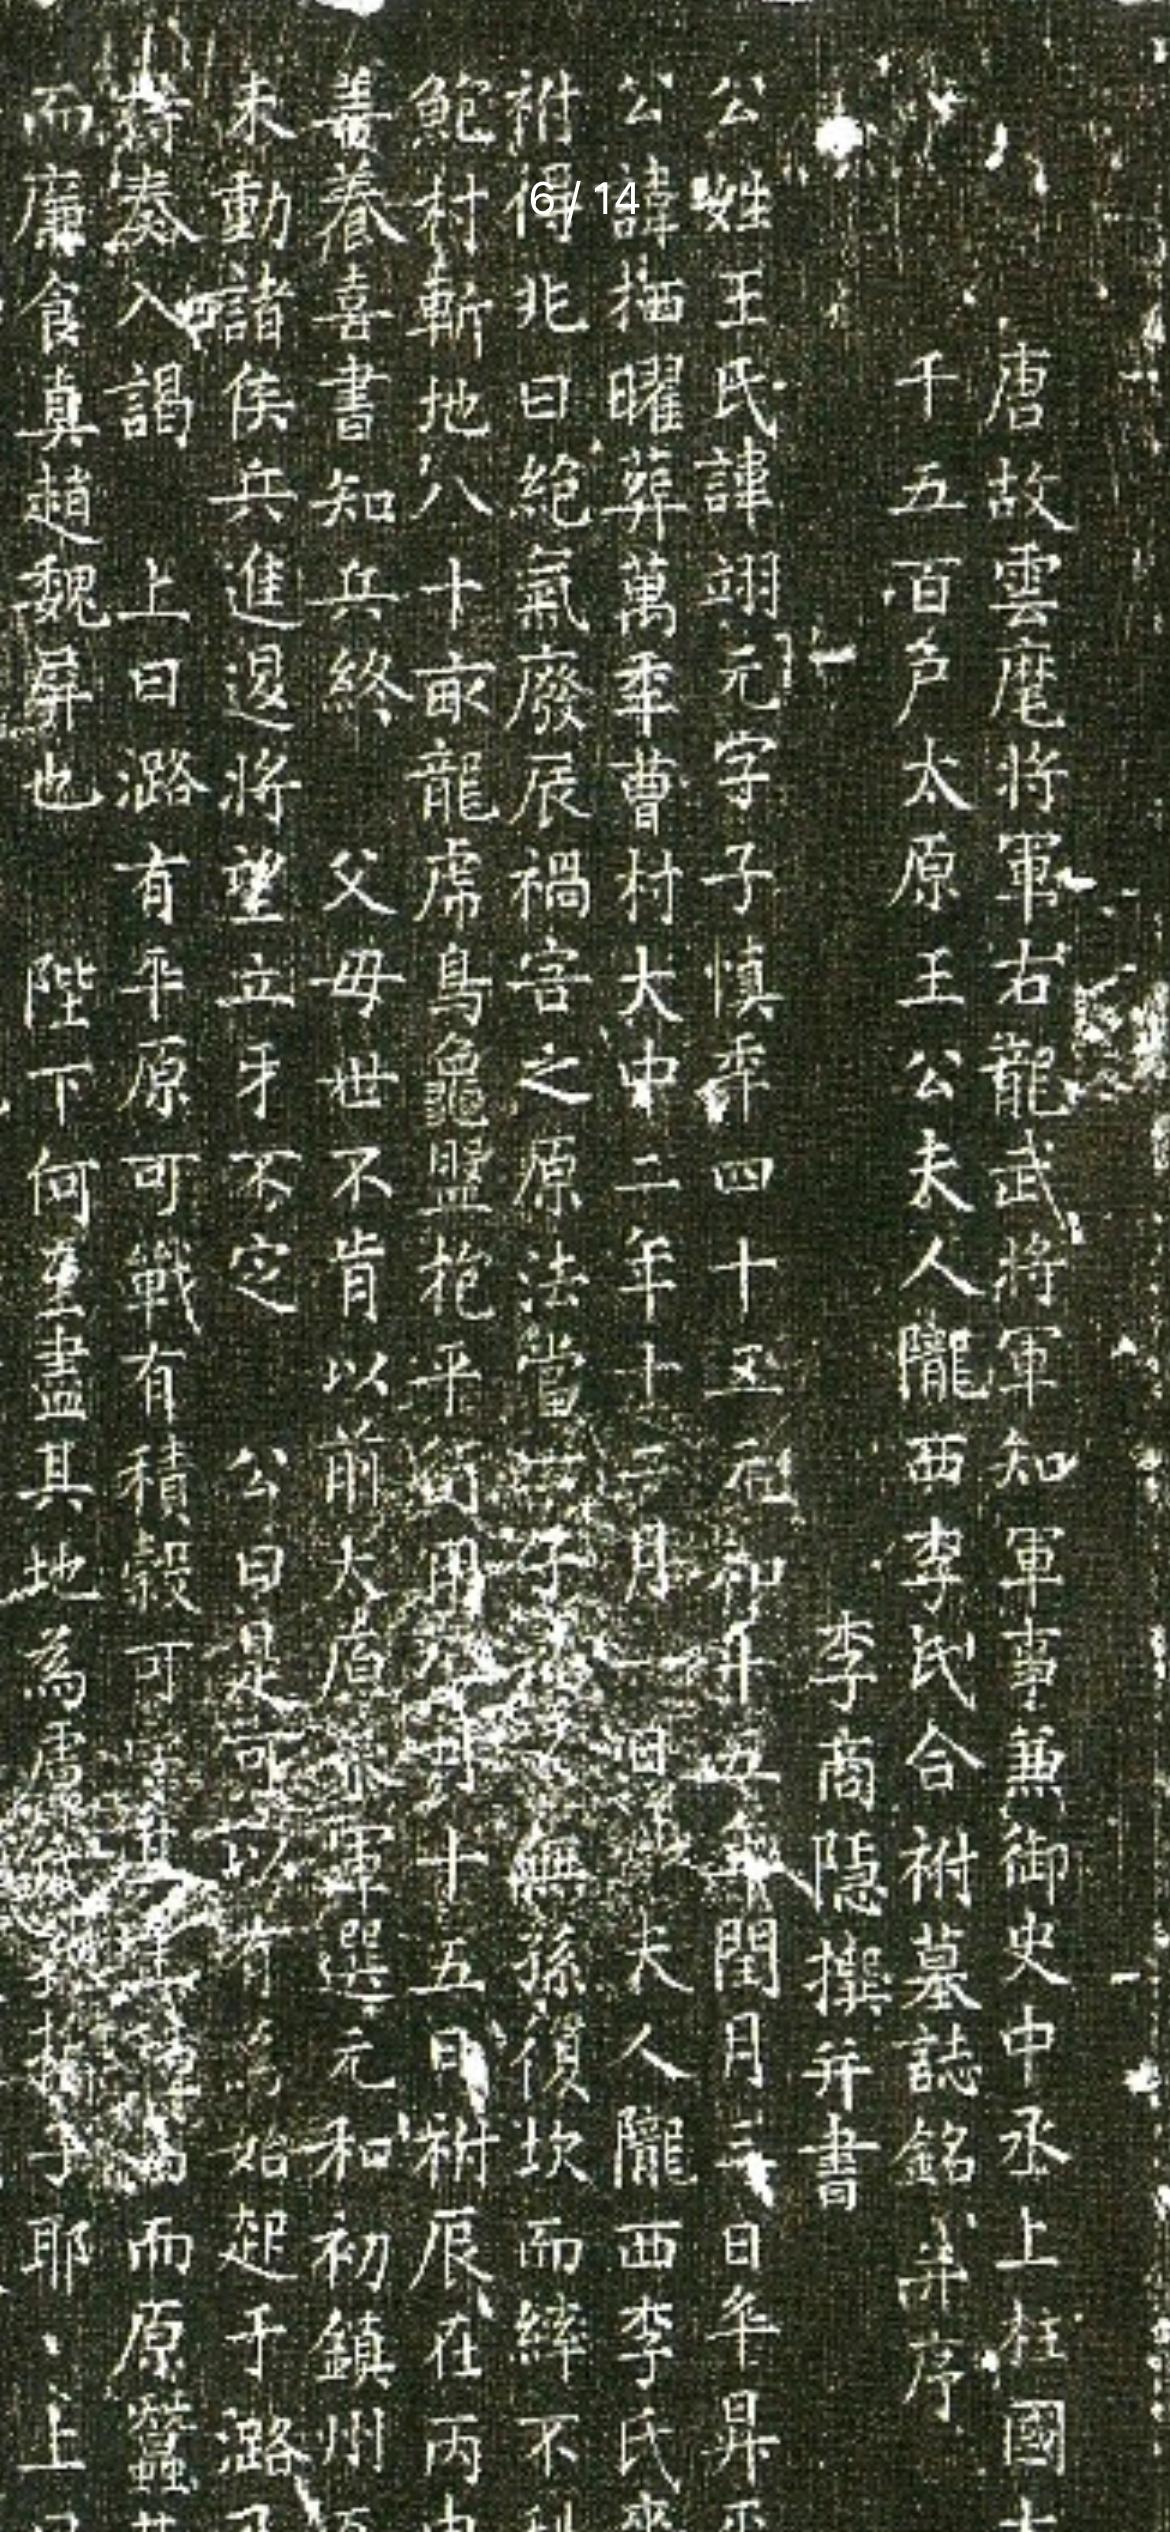 李商隐撰书《王翊元与夫人李氏合袝墓志铭》(局部)